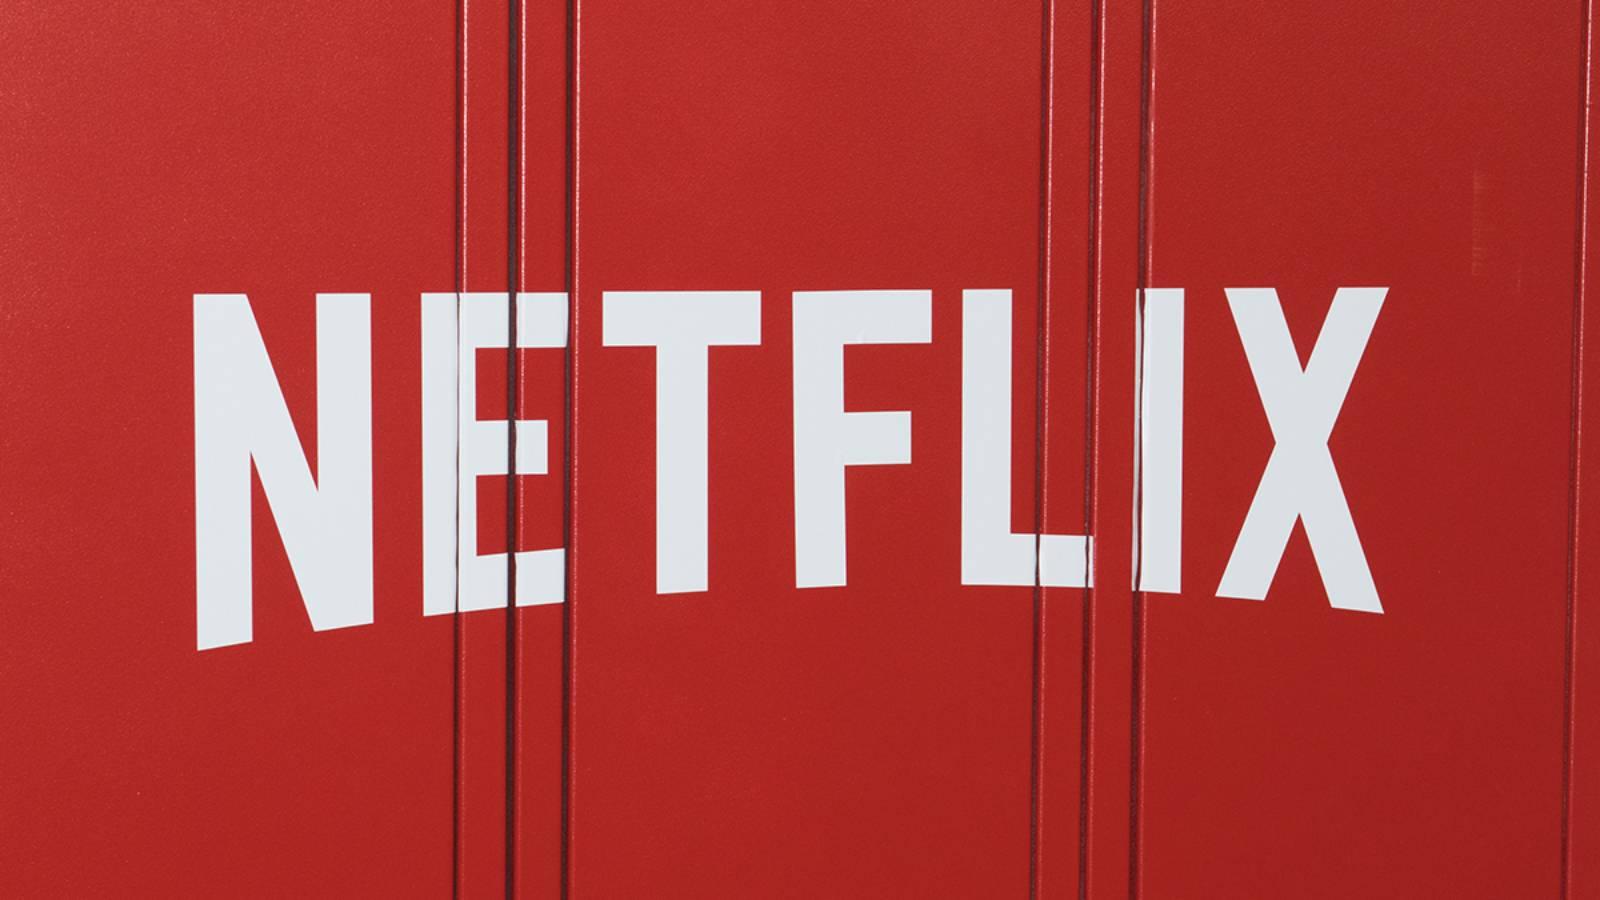 Netflix stiintific